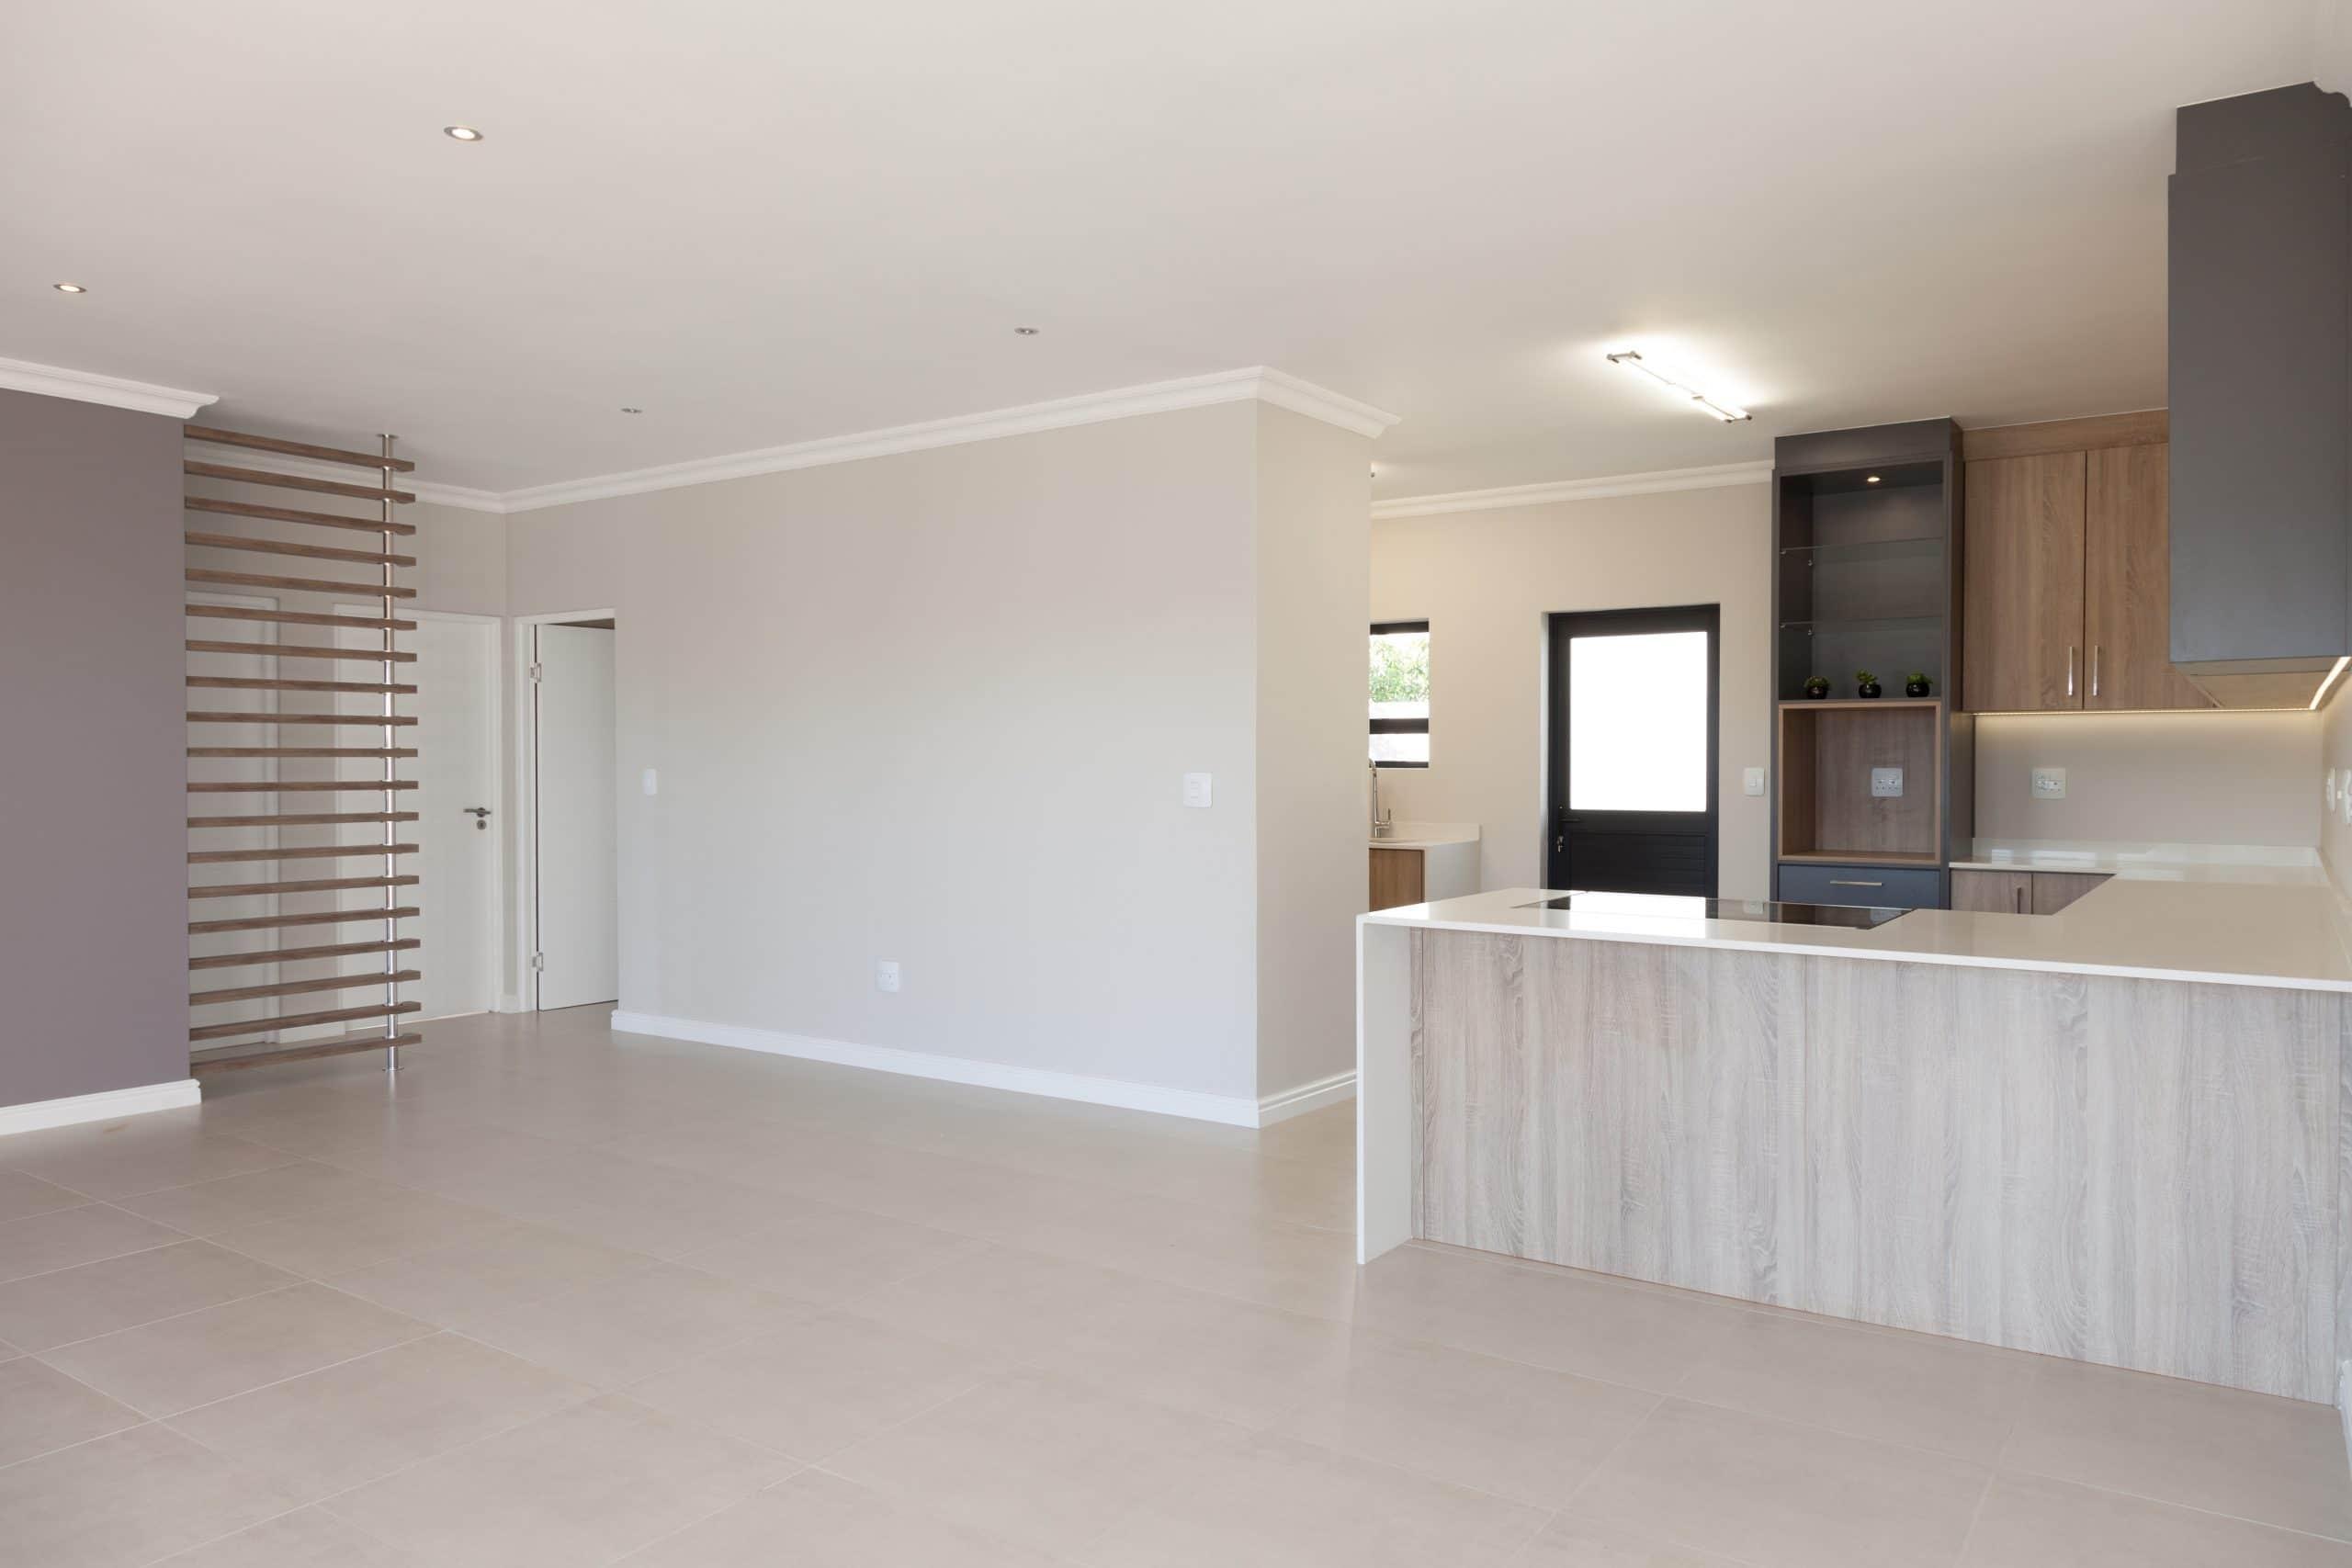 living room divider wooden slats stainless pole modern kitchen langebaan